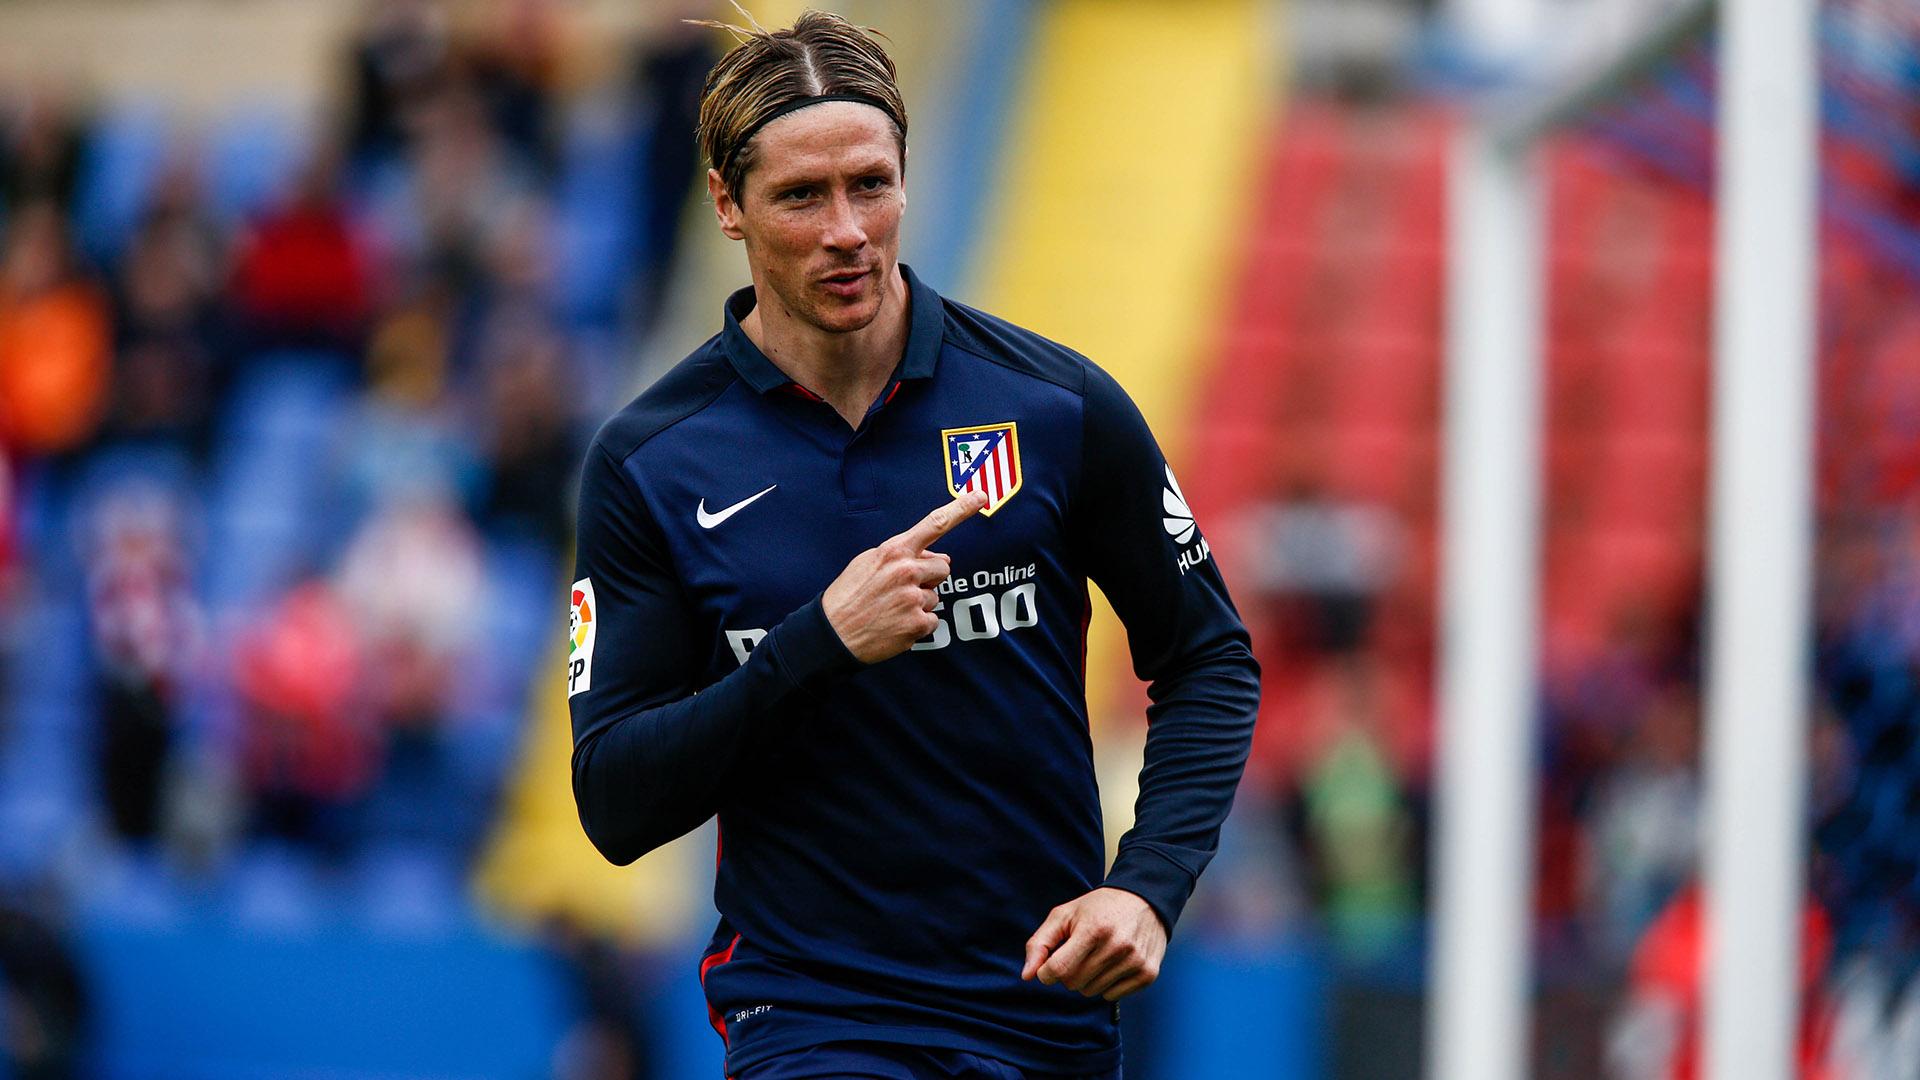 Fernando torres Levante Atletico Madrid 08052016